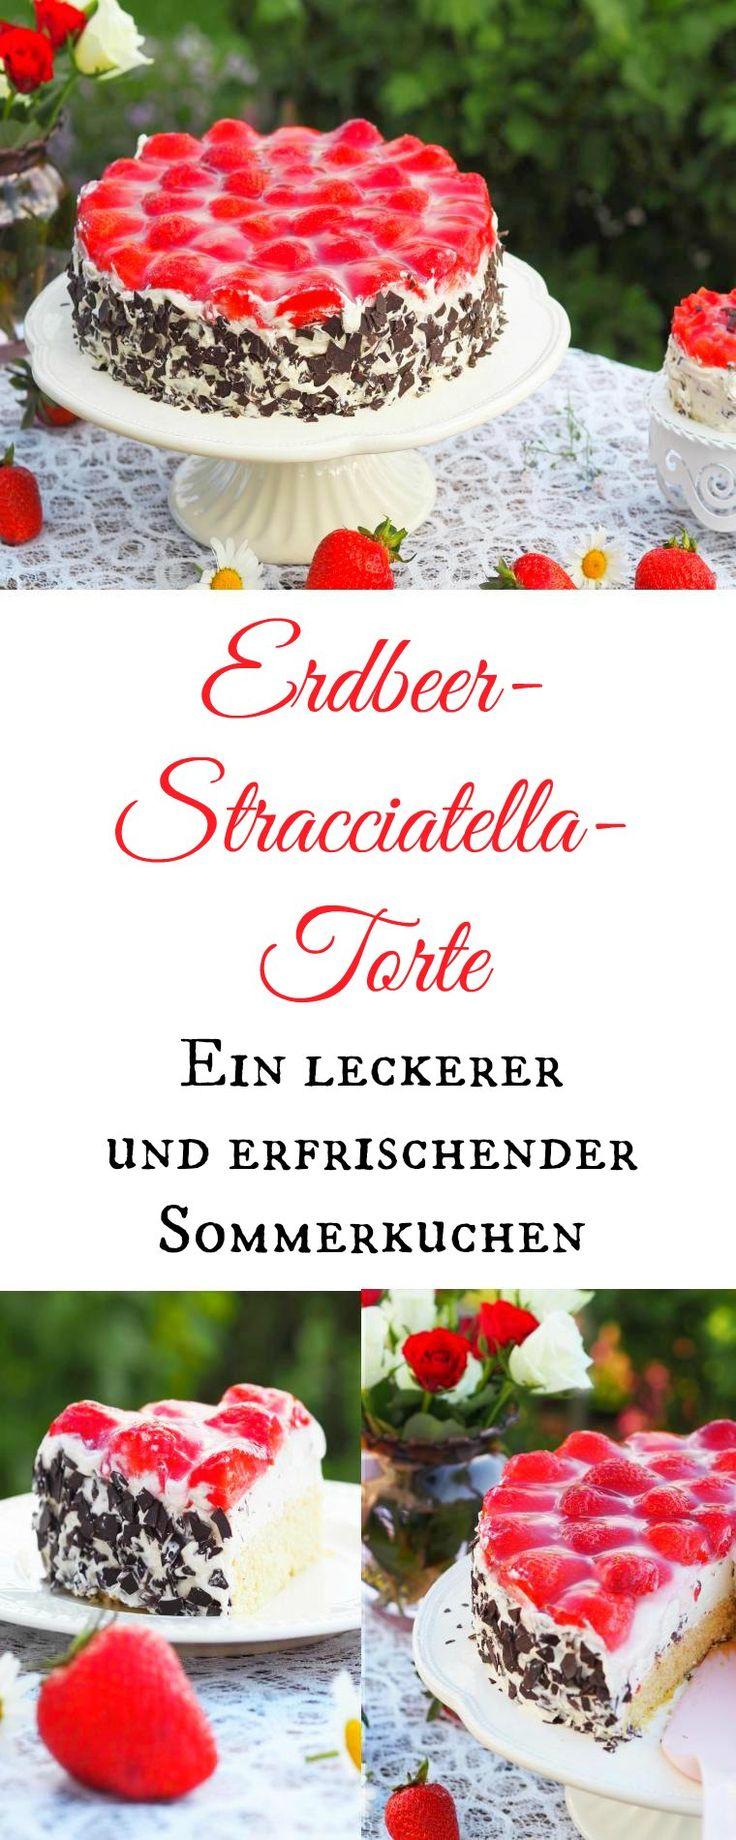 Ich liebe Erdbeeren. Daher gab´s bei uns am Wochenende diese leckere Erdbeer - Stracciatella - Torte...fruchtig frisch und so lecker. Mit dem Thermomix (oder auch ohne) sehr schnelle hergestellt. -Werbung-